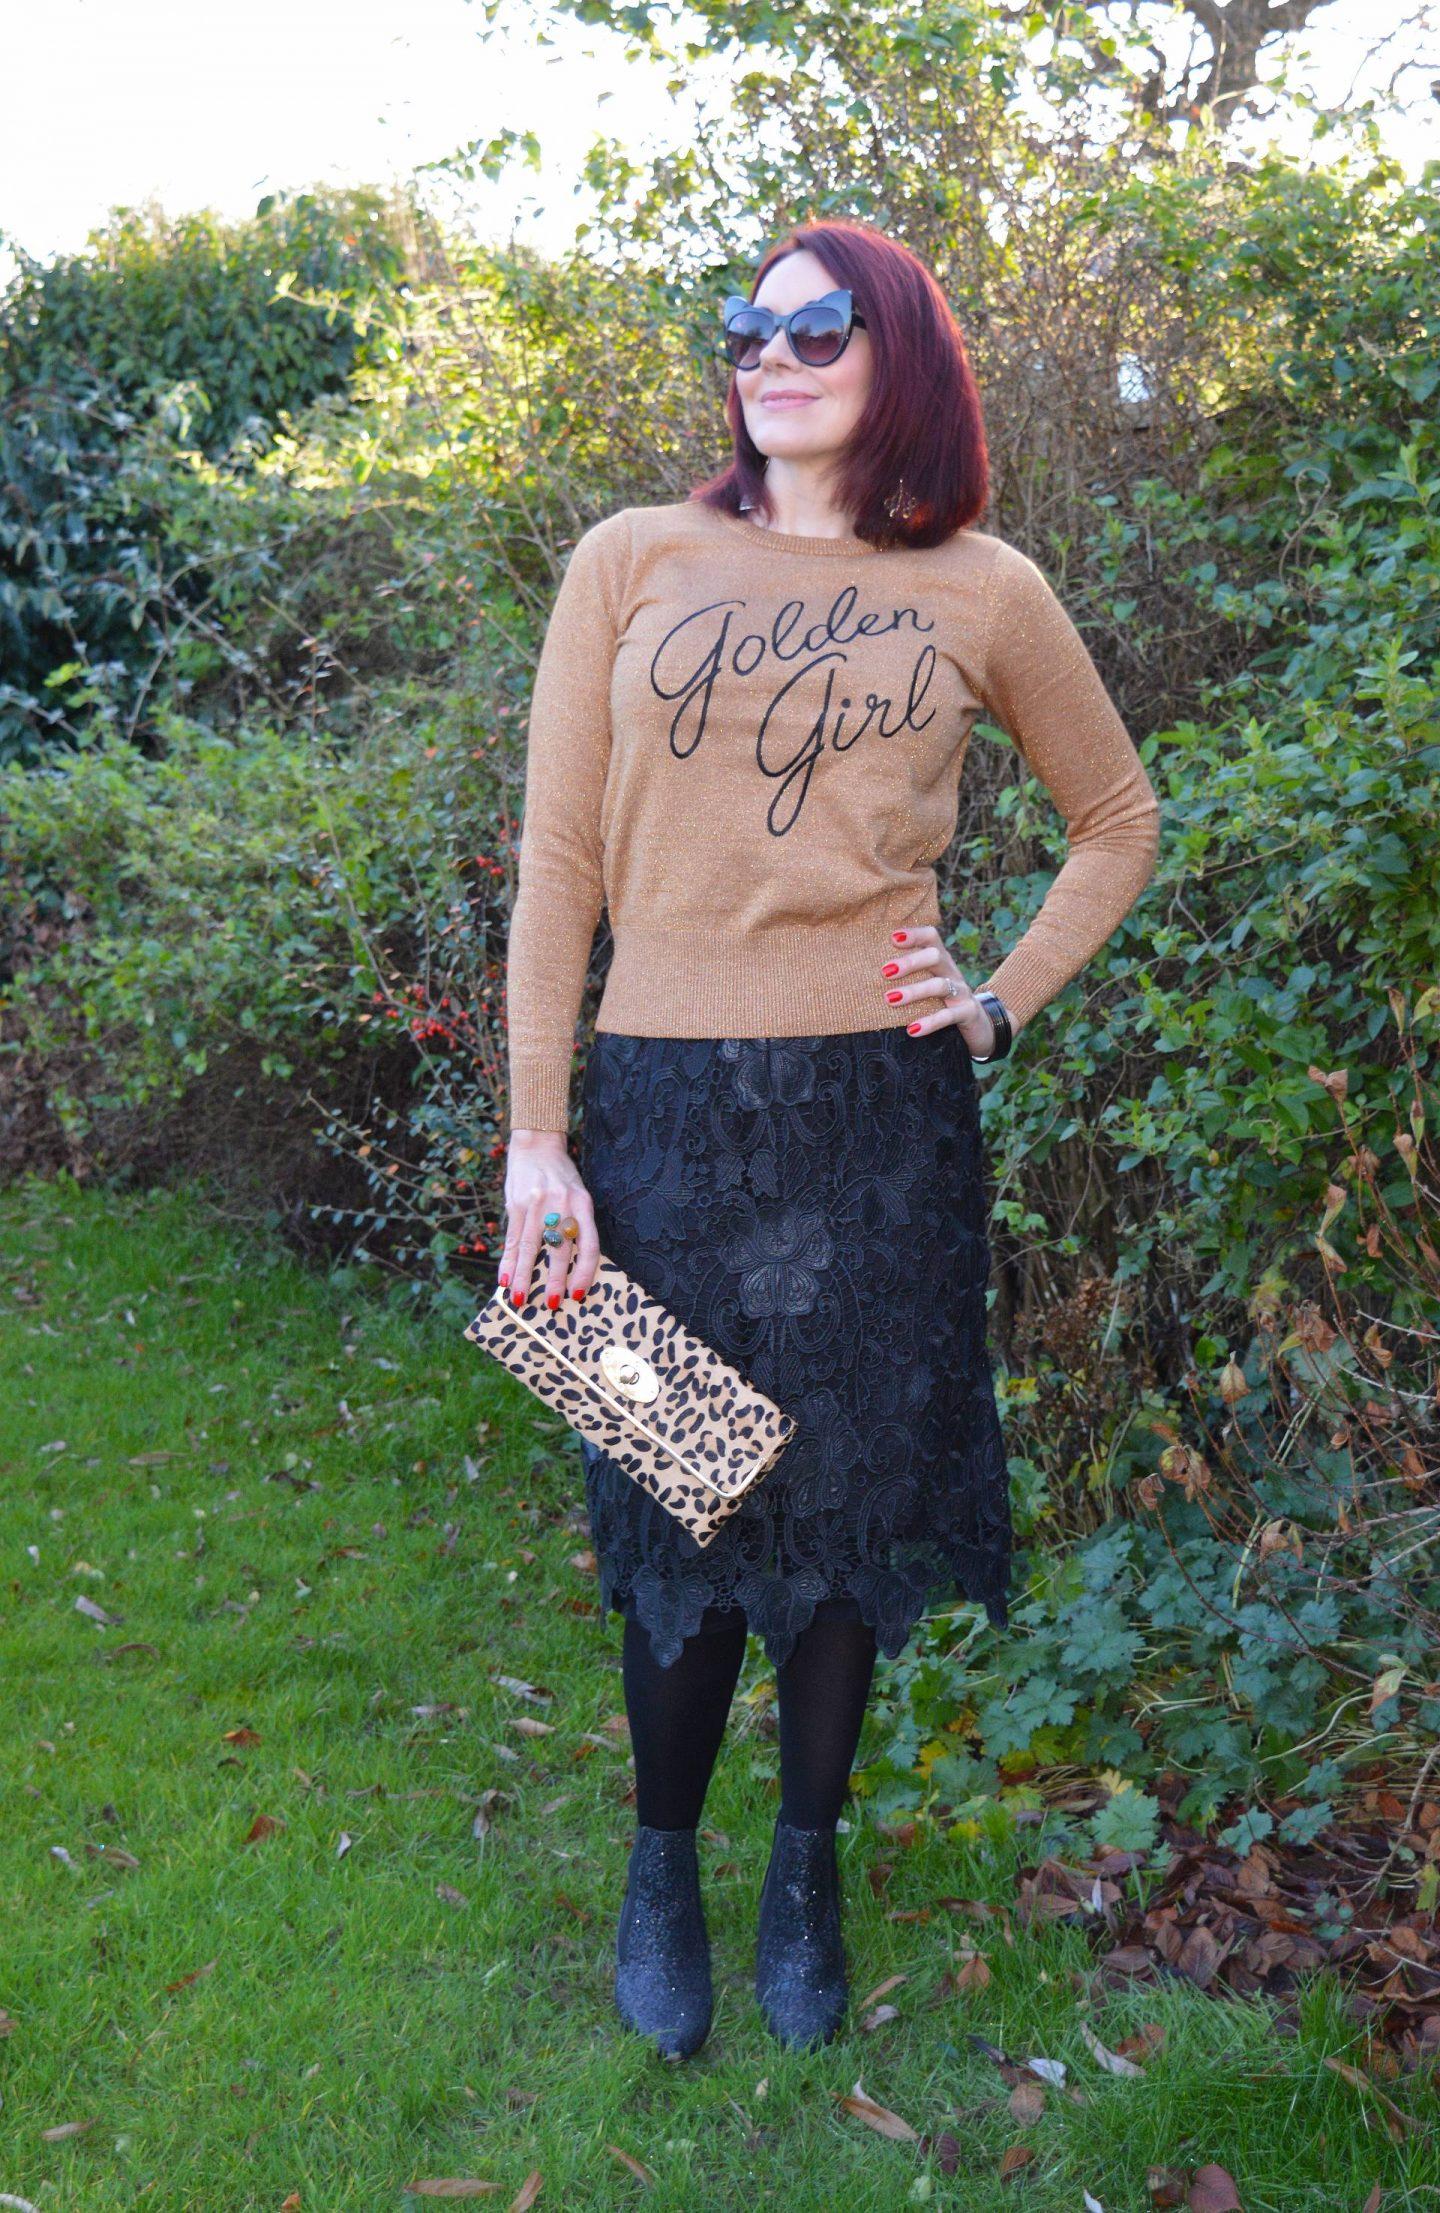 Golden Girl Lurex Jumper and Lace Skirt